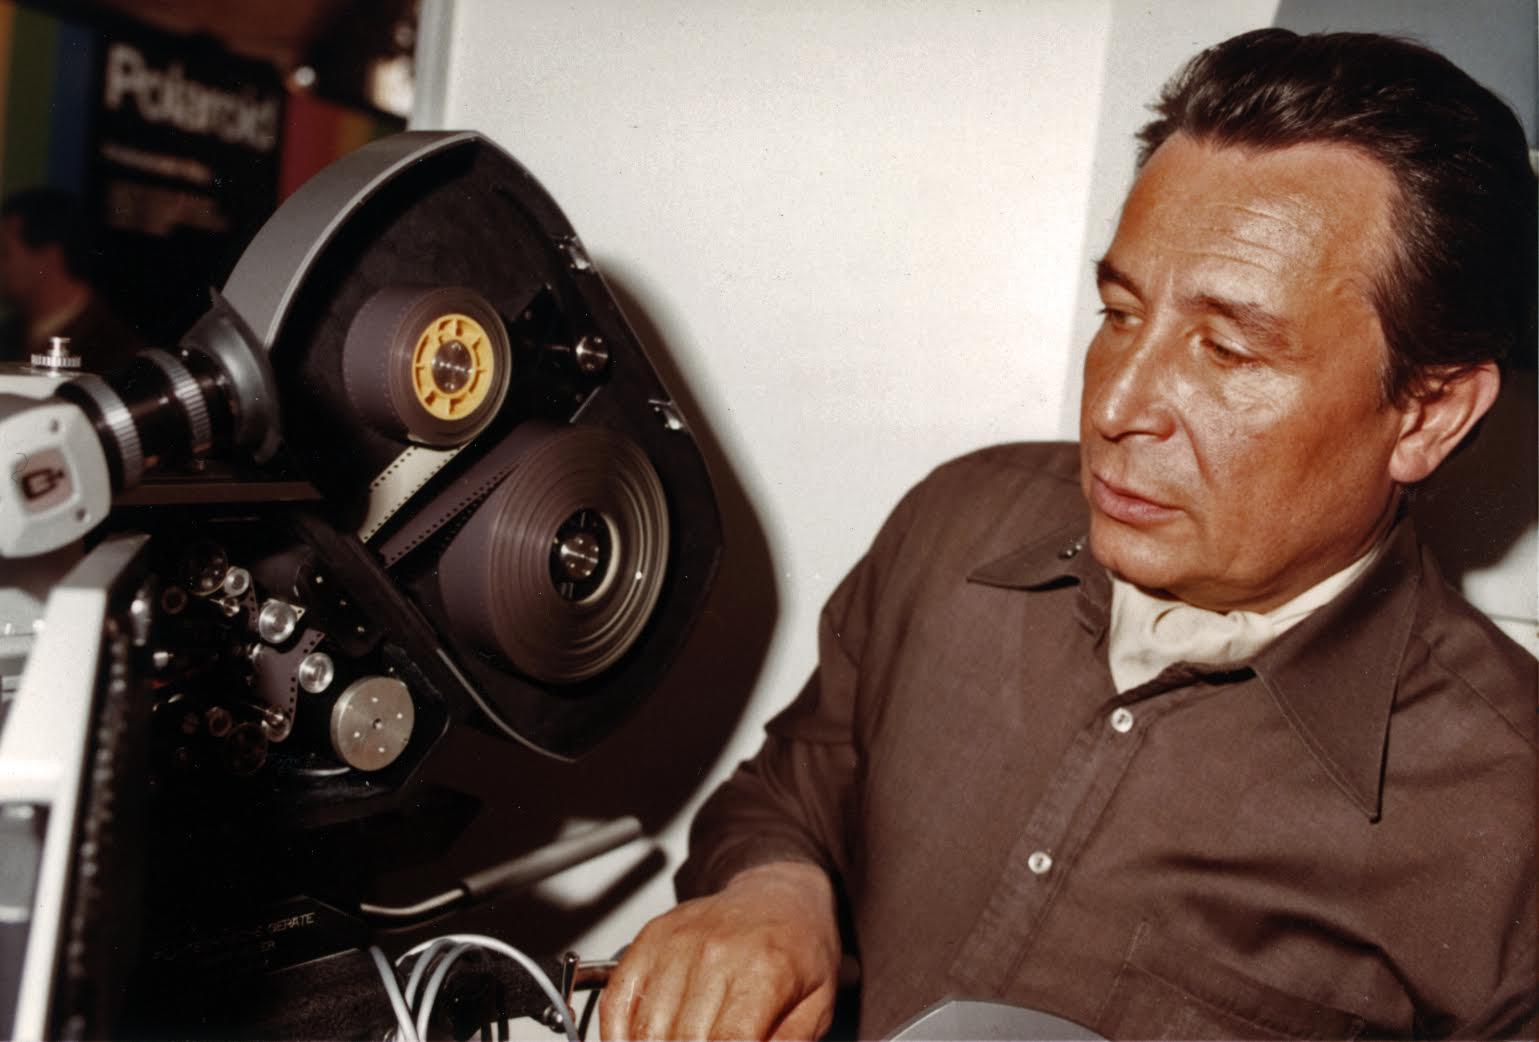 Heinz Brossmann an der Kamera